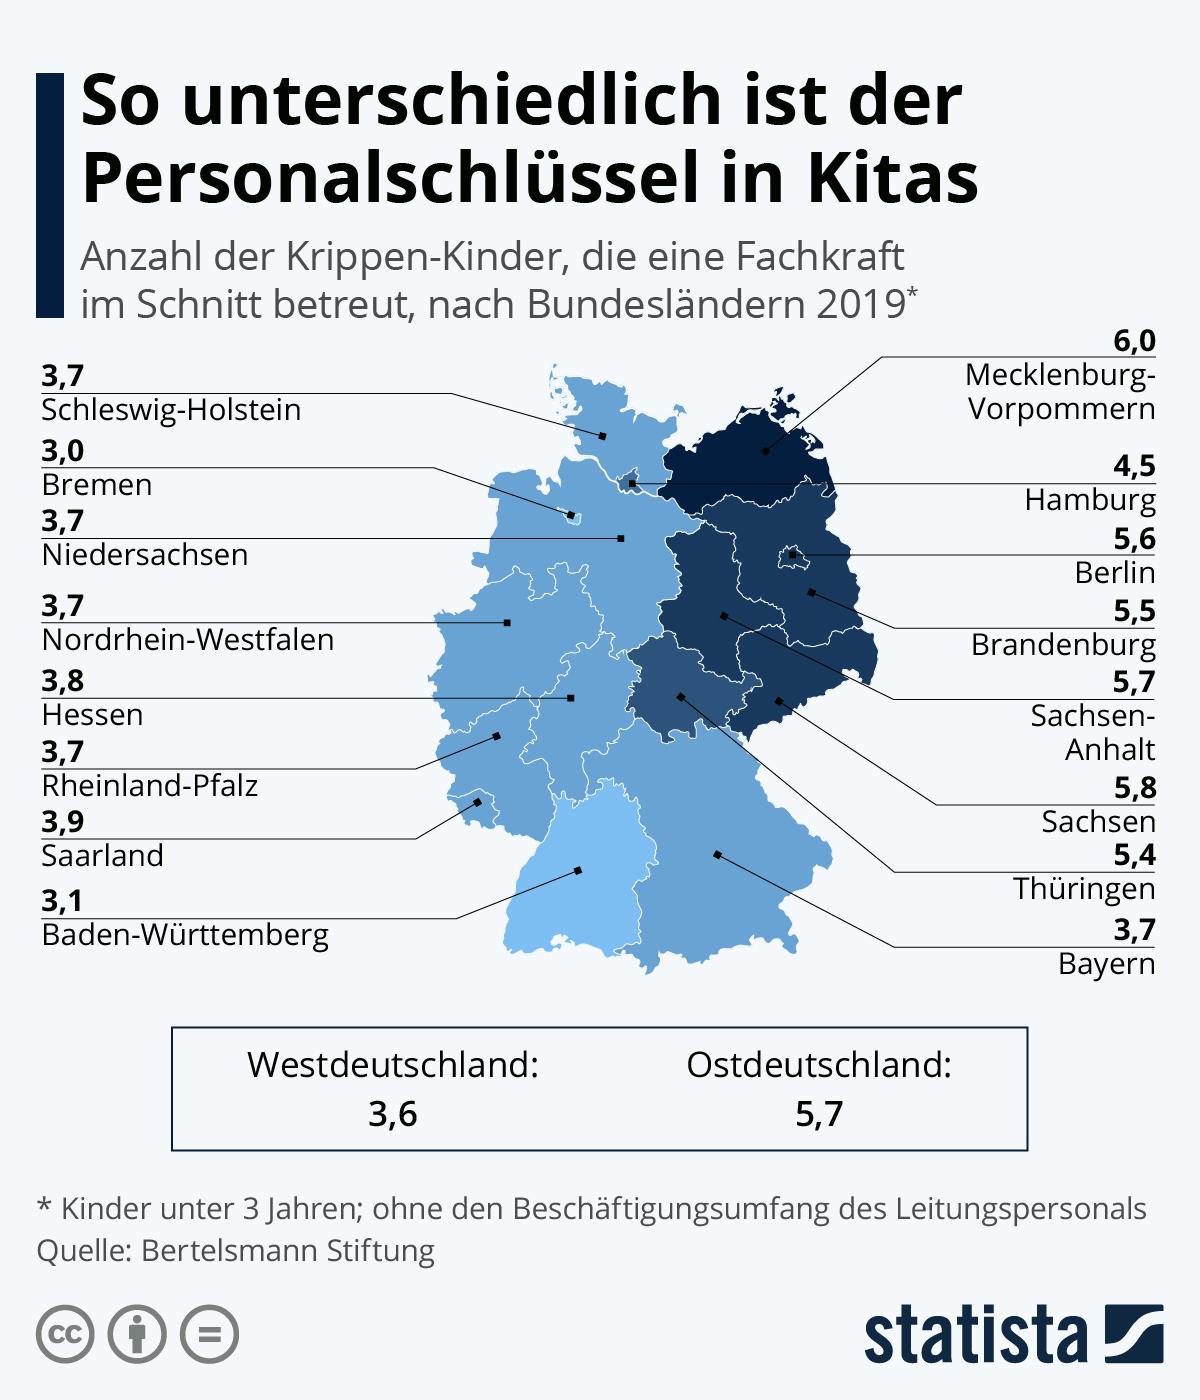 Infografik: So unterschiedlich ist der Personalschlüssel in Kitas | Statista